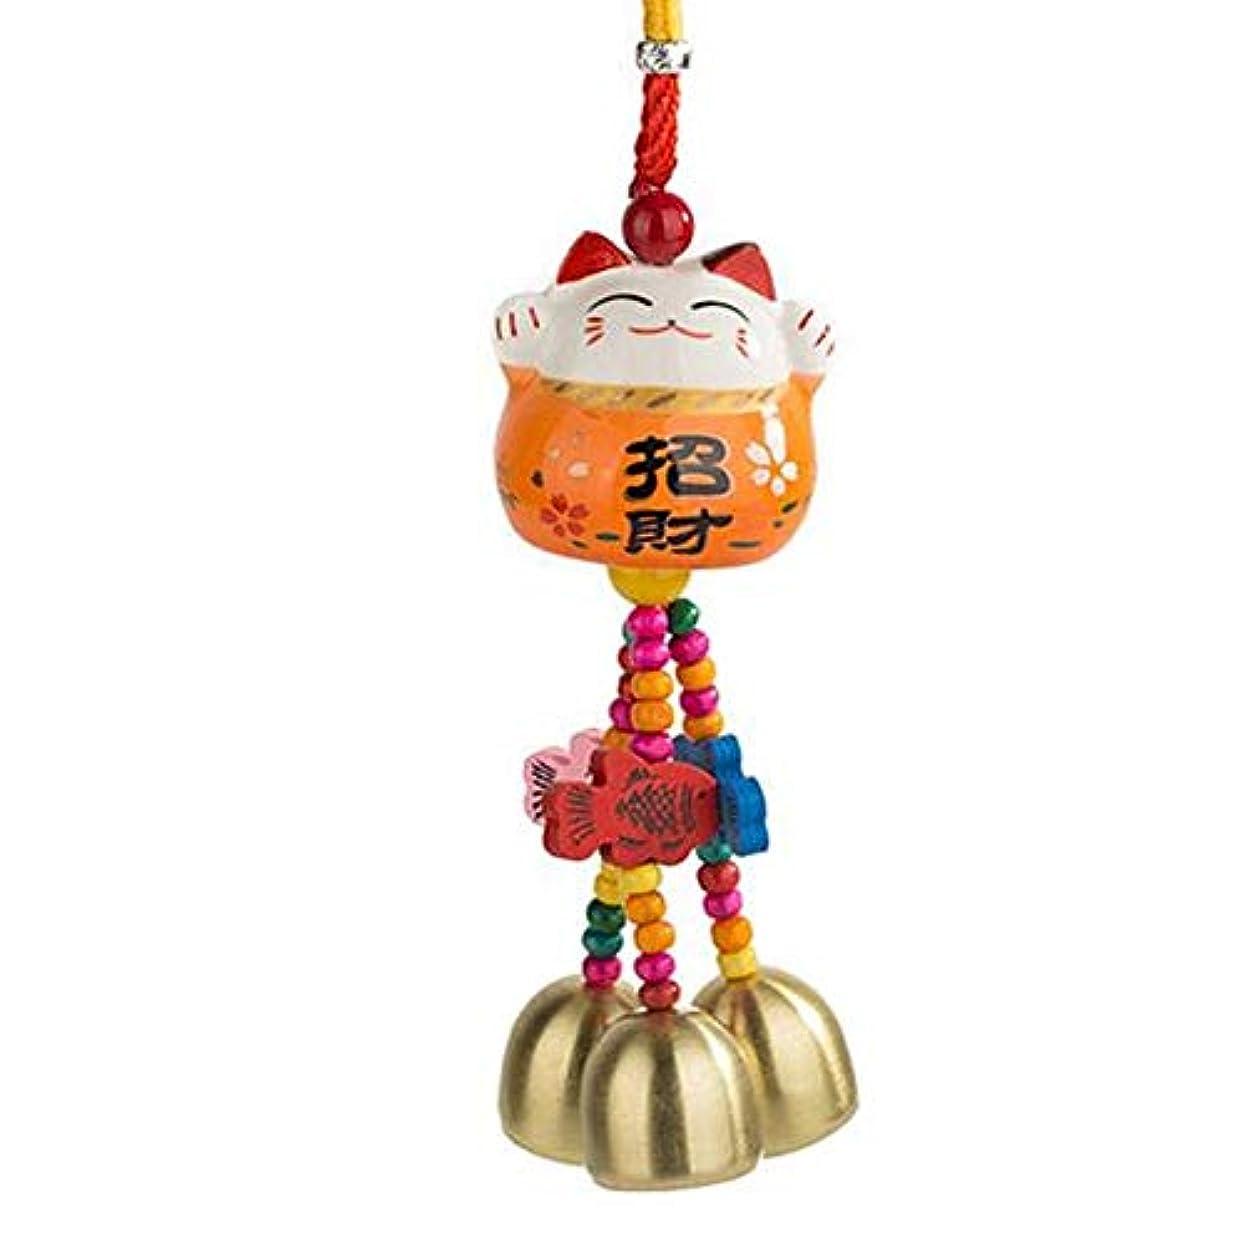 わずらわしい維持するブラウンAishanghuayi 風チャイム、かわいいクリエイティブセラミック猫風の鐘、赤、長い28センチメートル,ファッションオーナメント (Color : Orange)